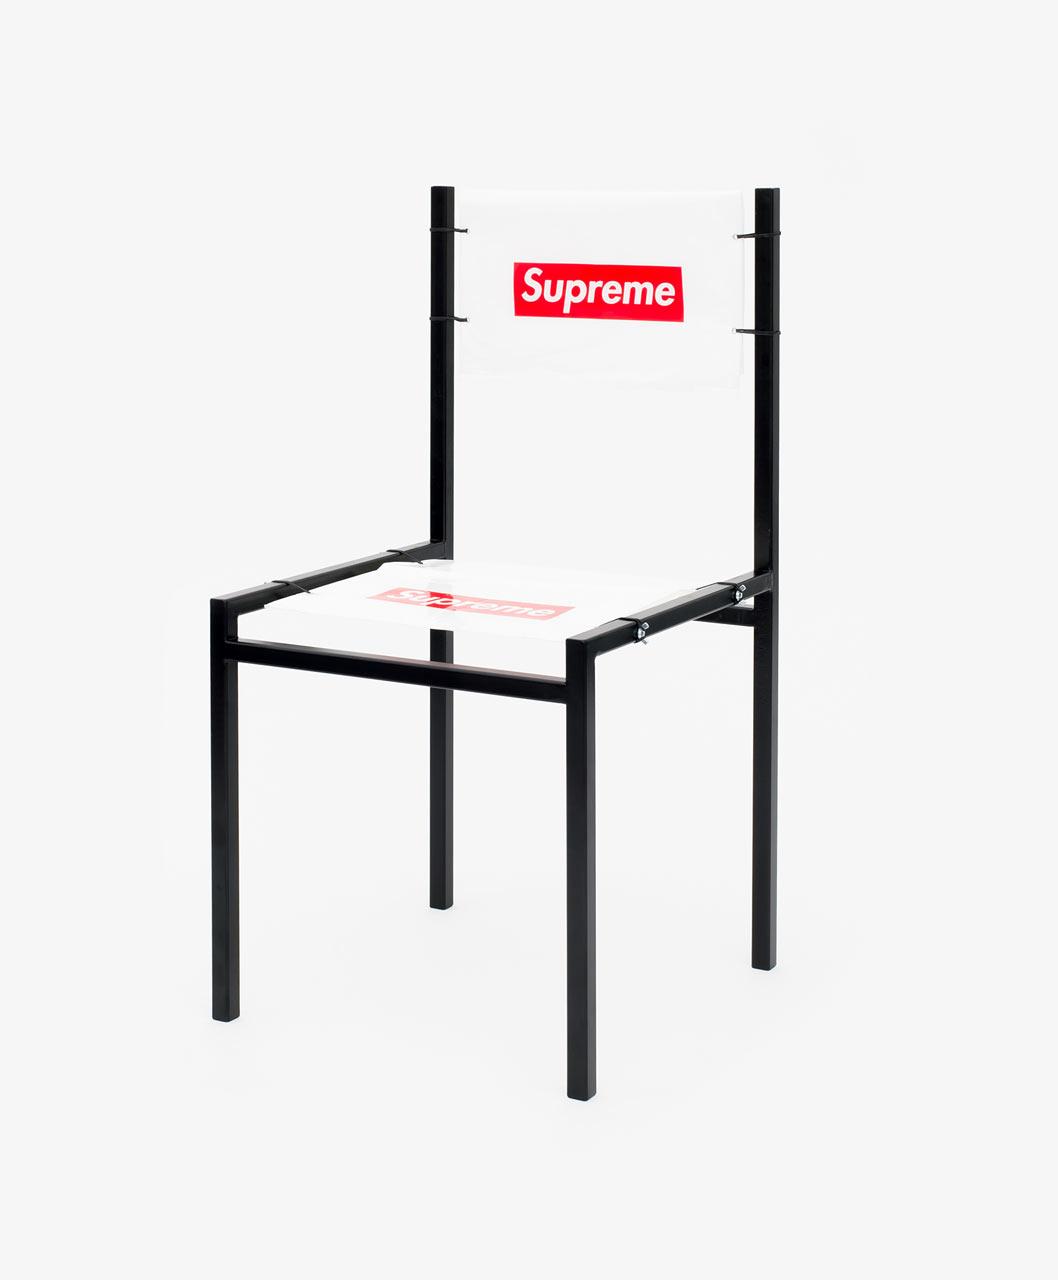 simon_freund-shopping_bag_chairs-hisheji (4)